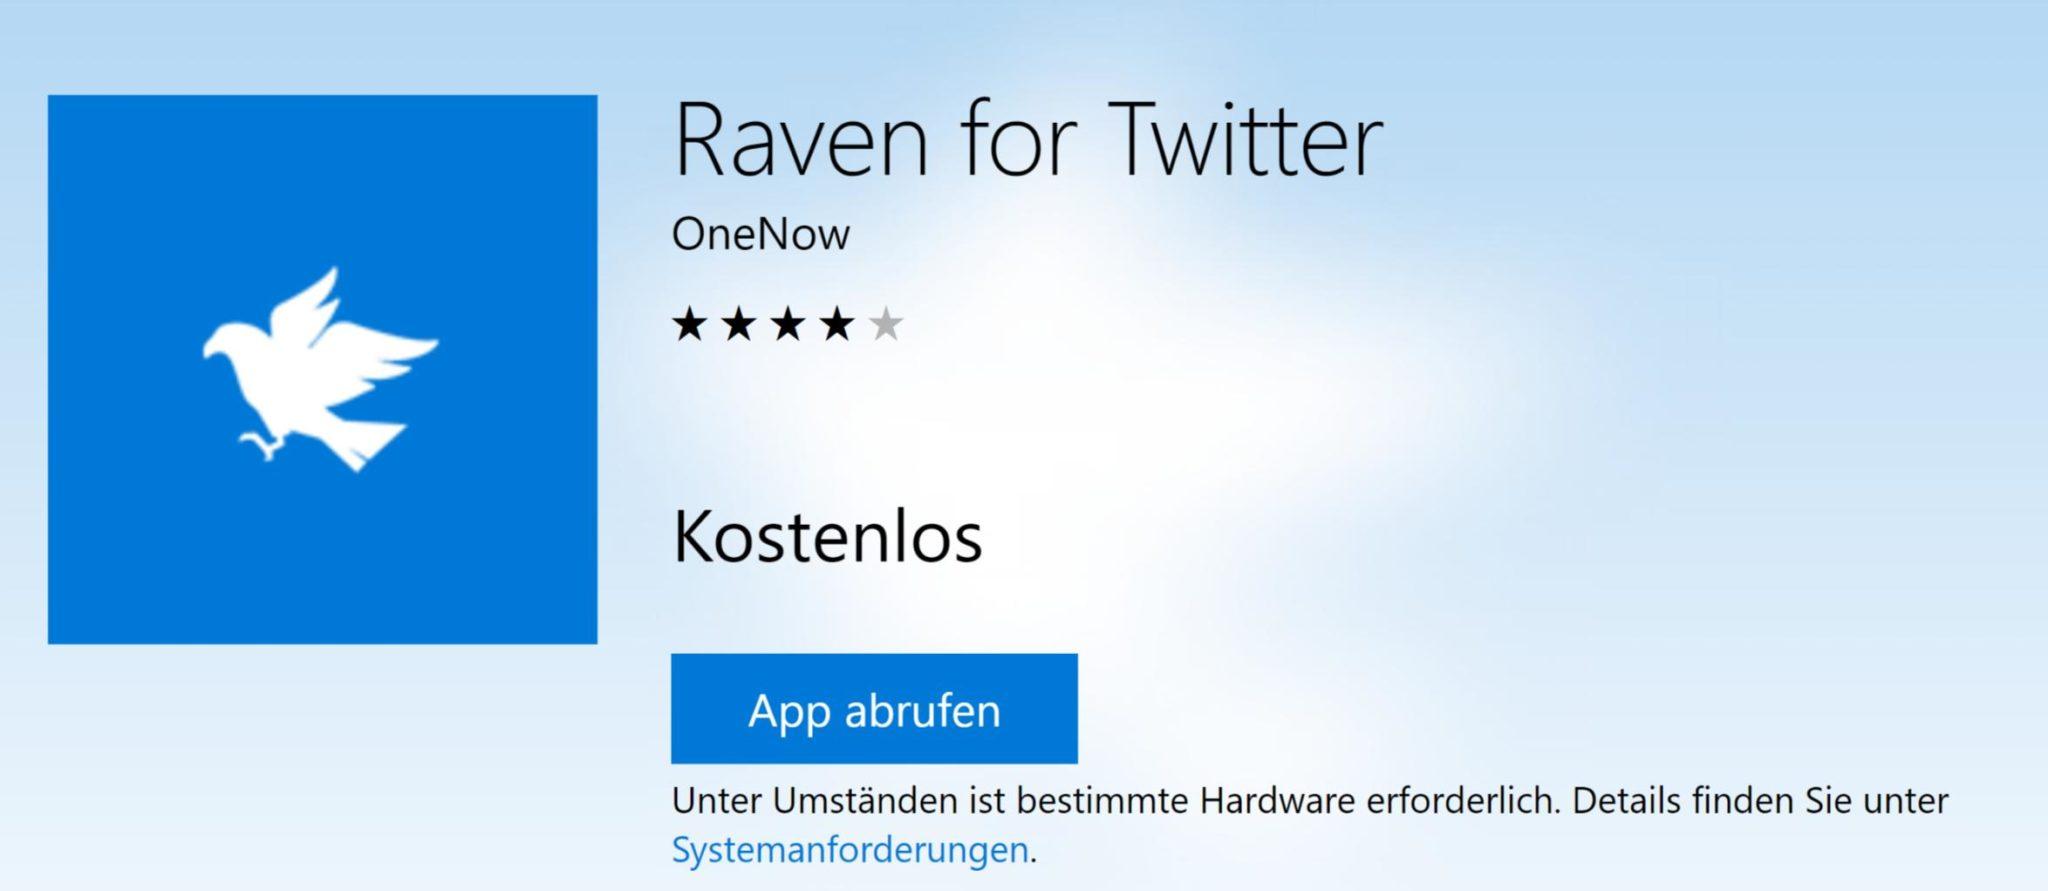 raven sch ne twitter app f r xbox one und co windowsunited. Black Bedroom Furniture Sets. Home Design Ideas